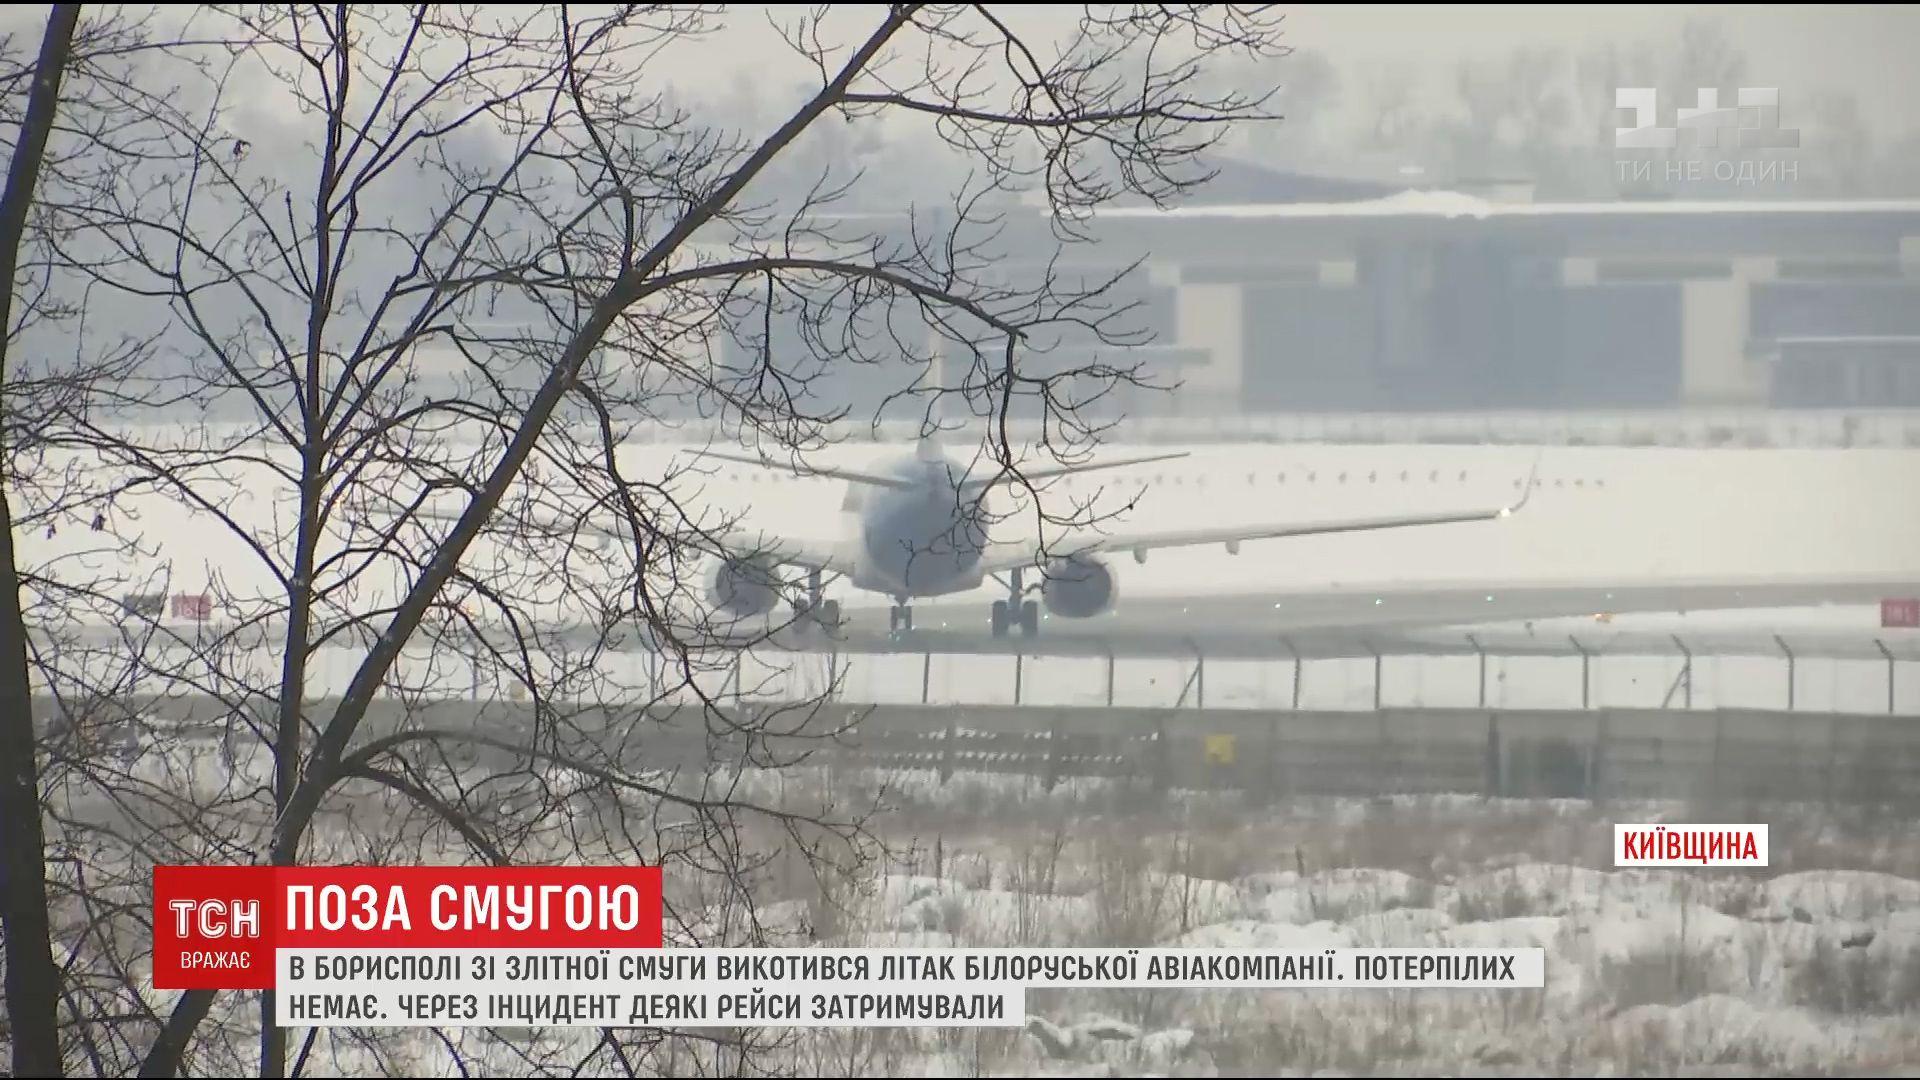 Источники ТСН предполагают, что у самолета могли быть проблемы с шасси / Скриншот видео ТСН